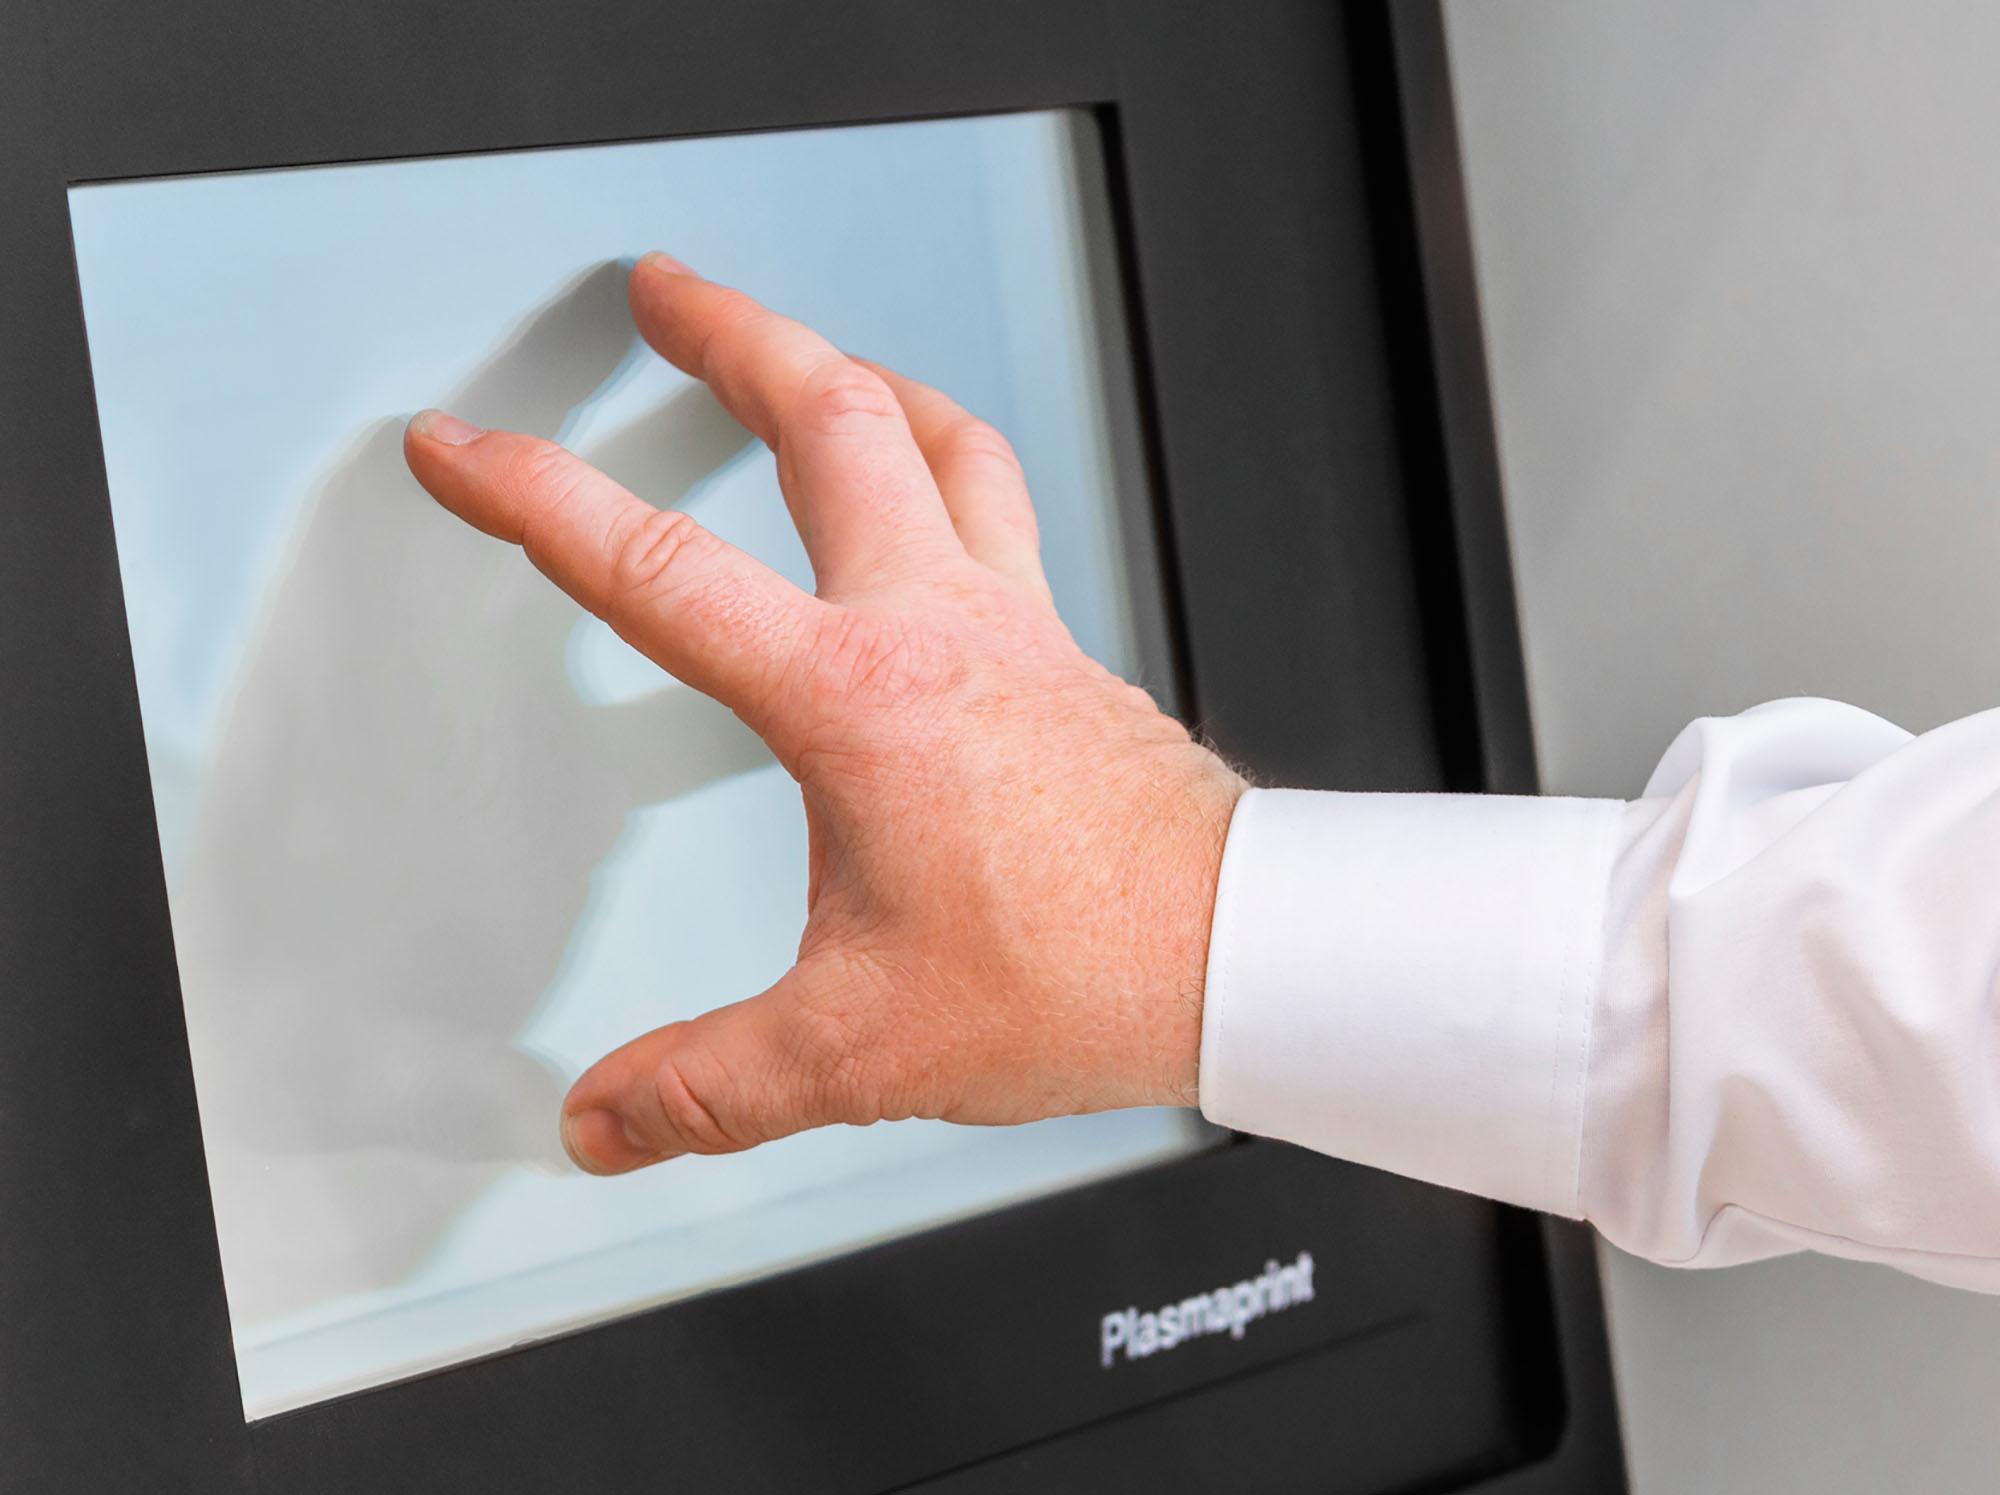 Plasmaprint